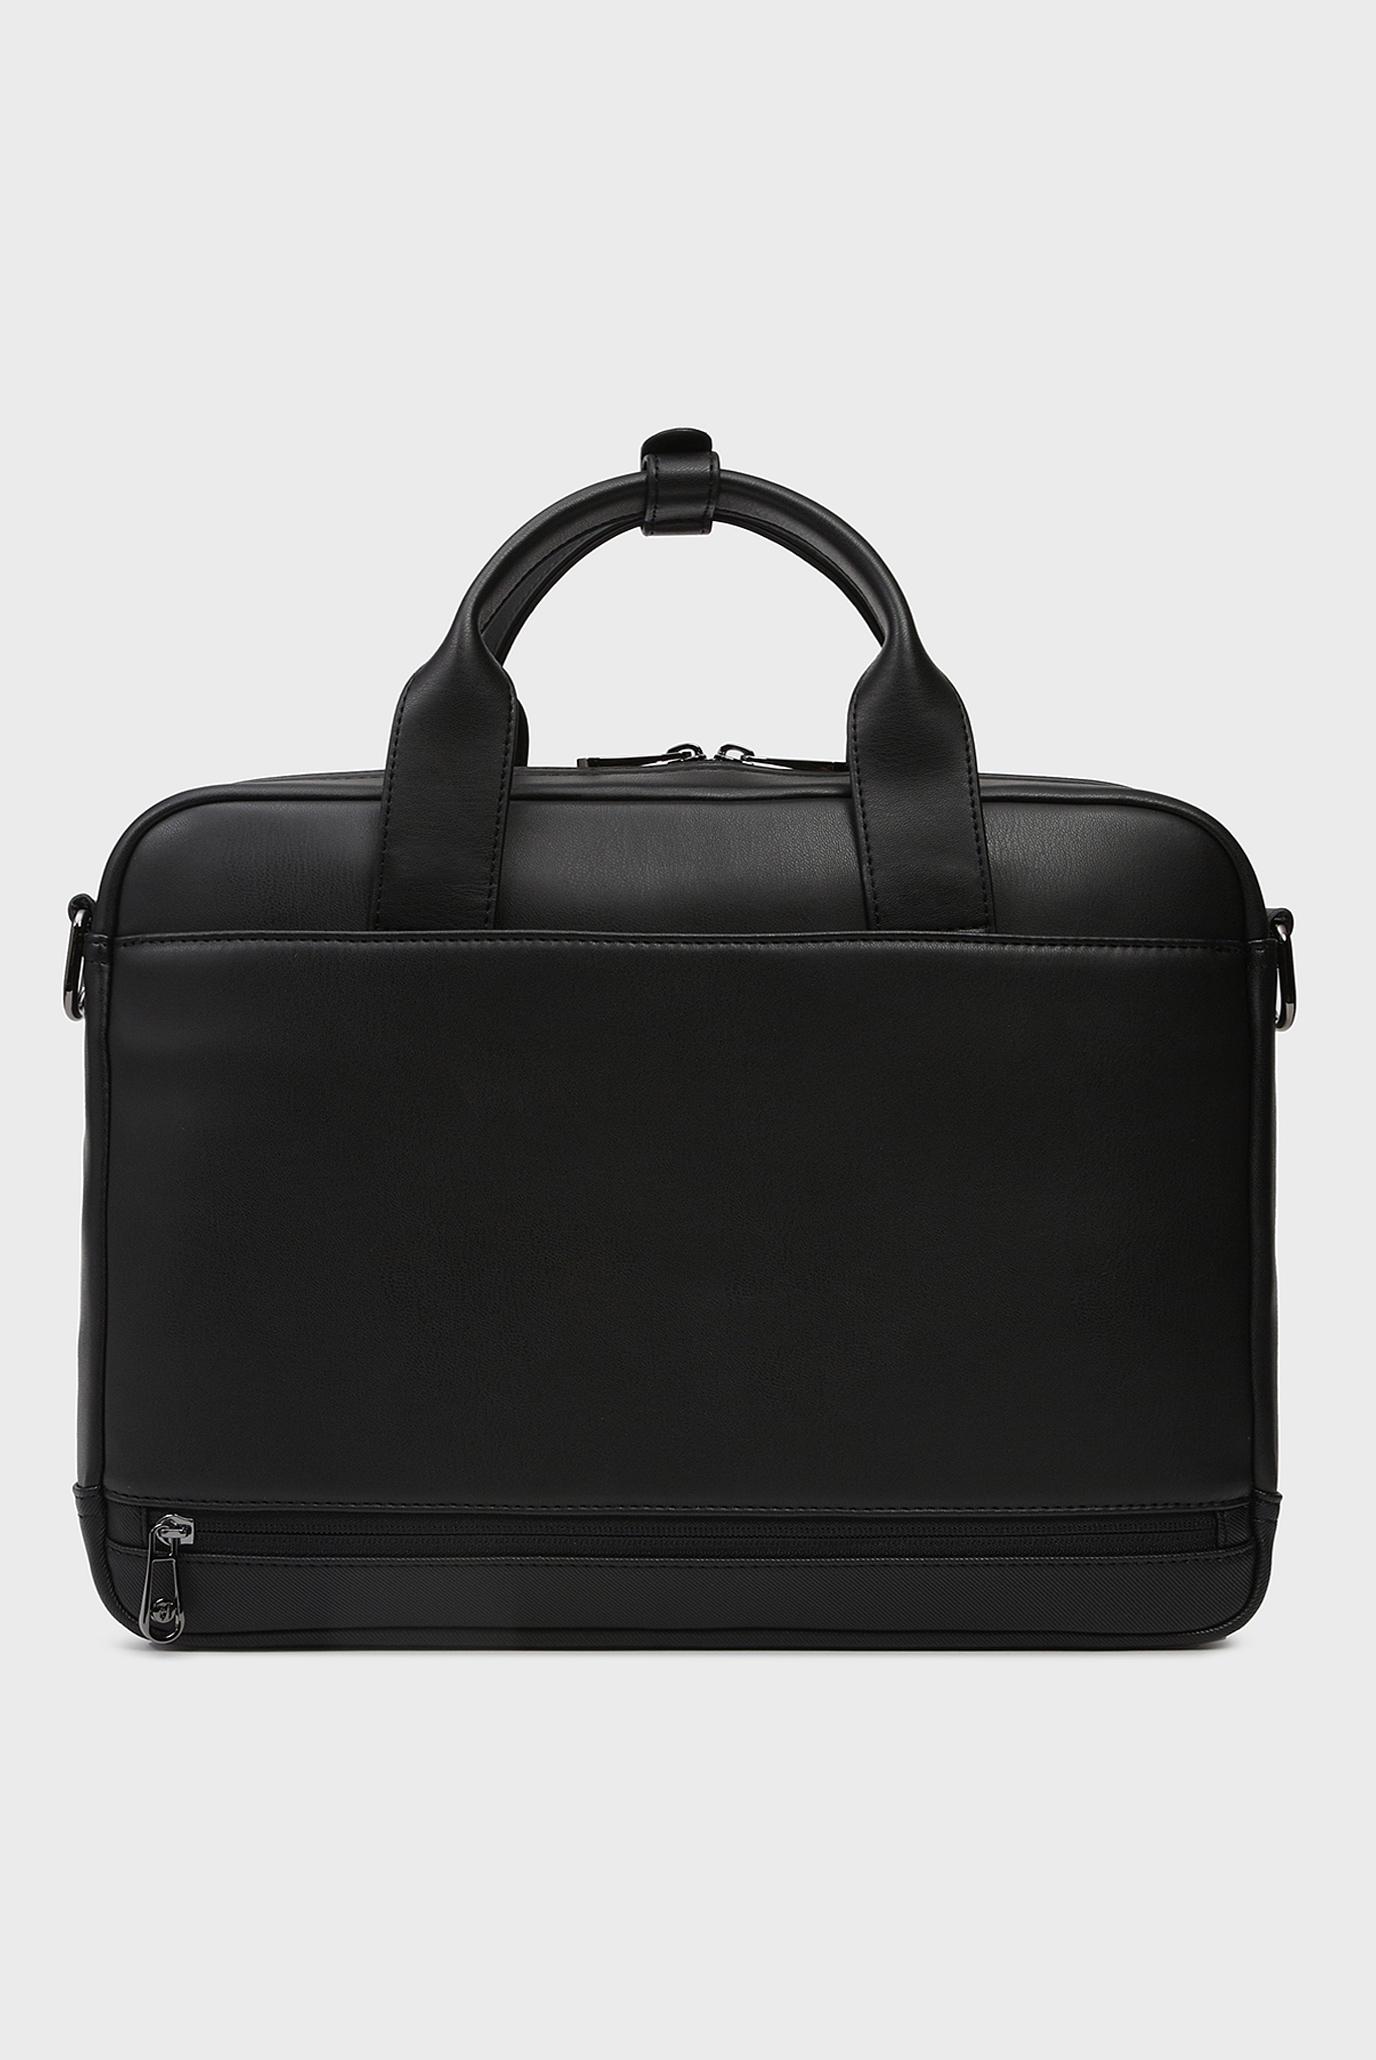 Купить Мужская черная сумка для ноутбука BUSINESS CITY Trussardi Jeans Trussardi Jeans 9Y099995/71B00170 – Киев, Украина. Цены в интернет магазине MD Fashion